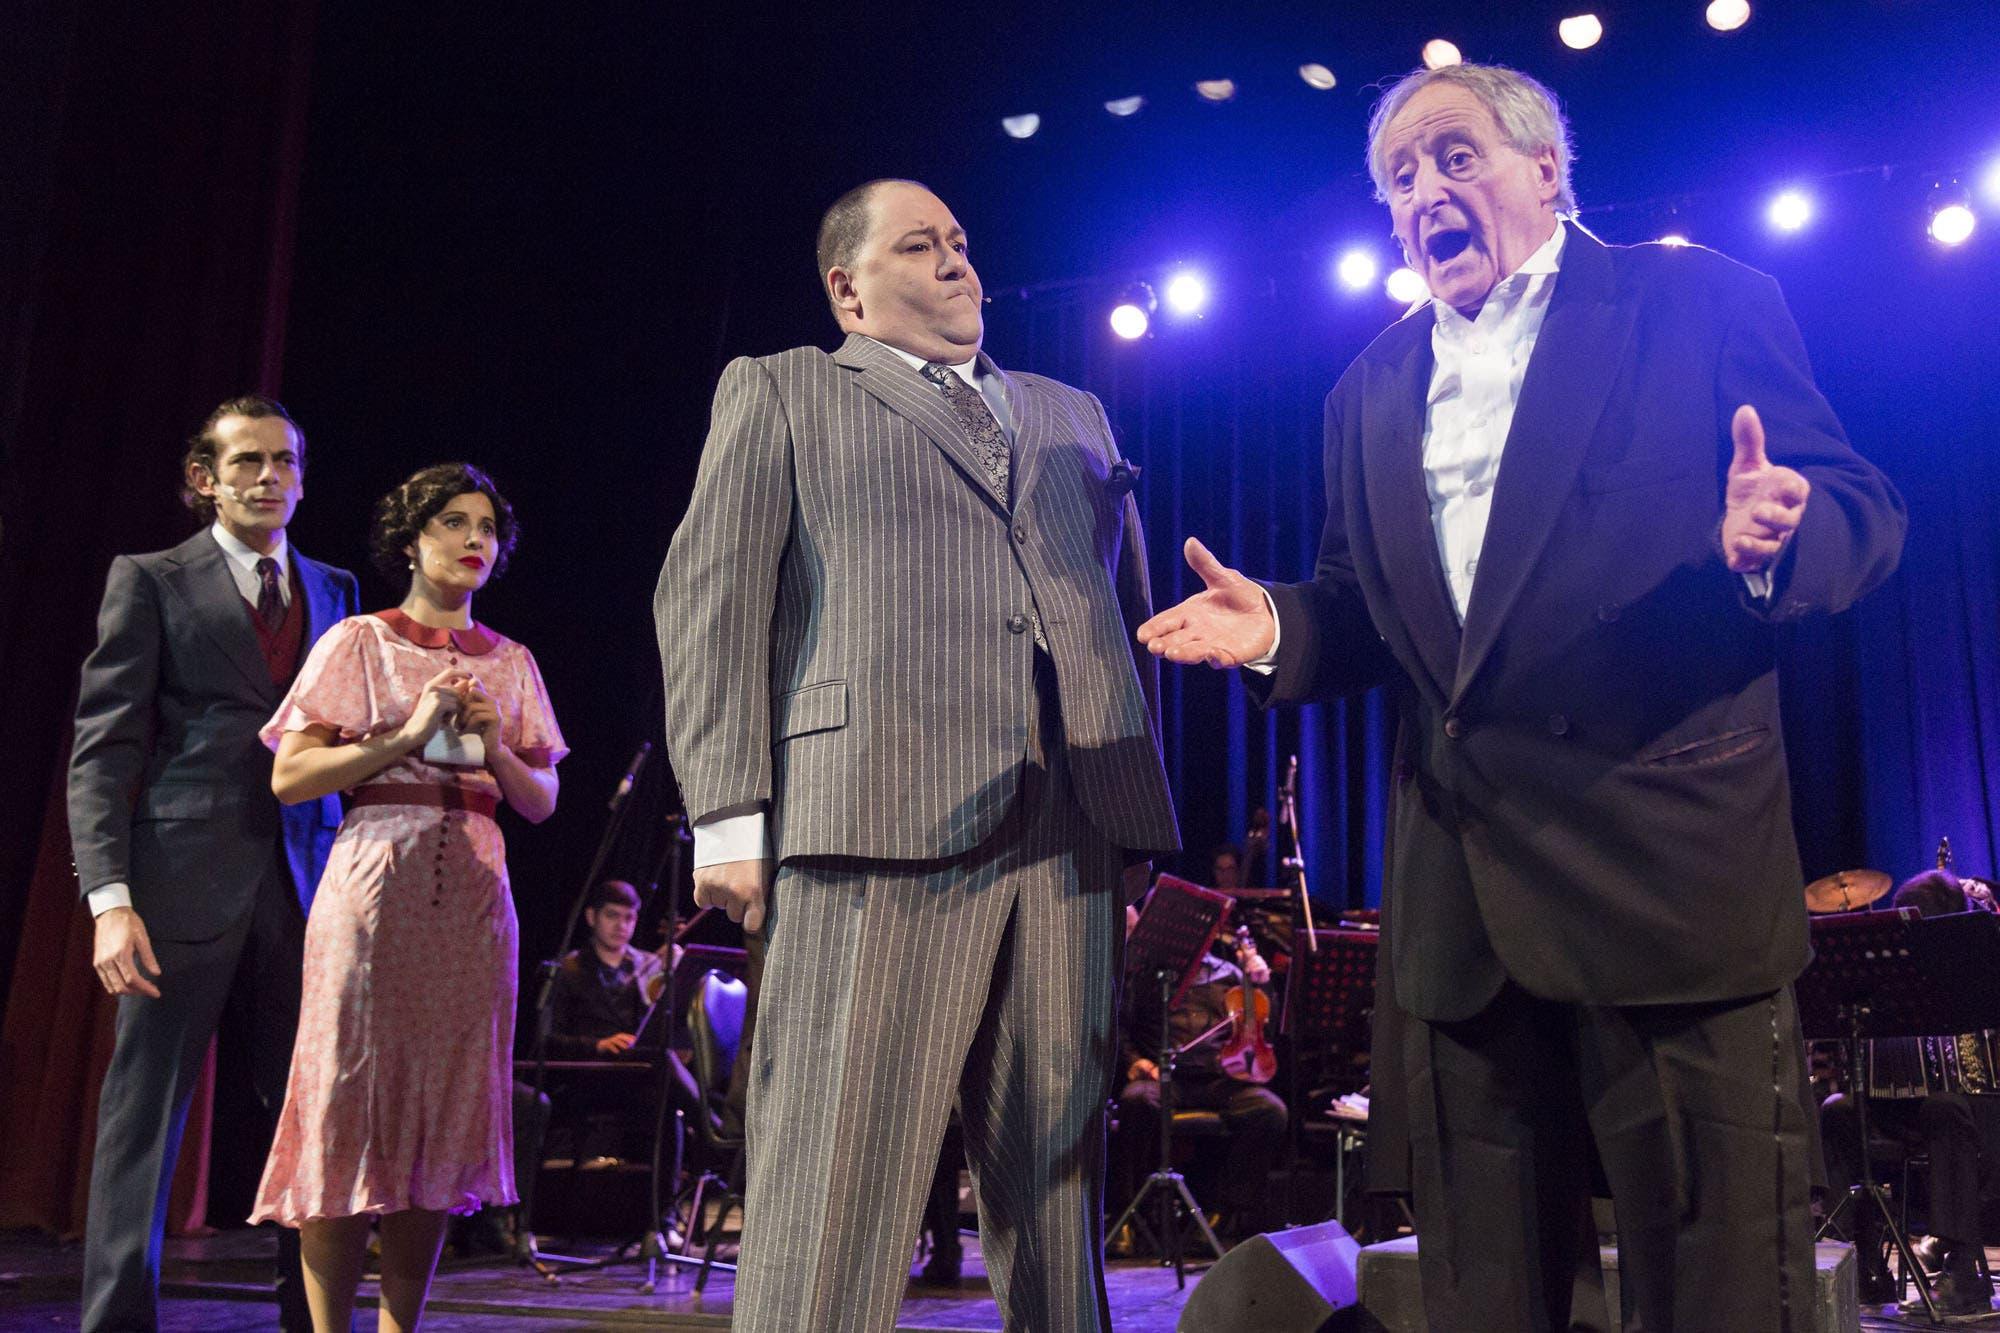 Vio cantar a Gardel a los 6 años y, a los 92, vio cómo la historia de una obra de teatro era también la suya